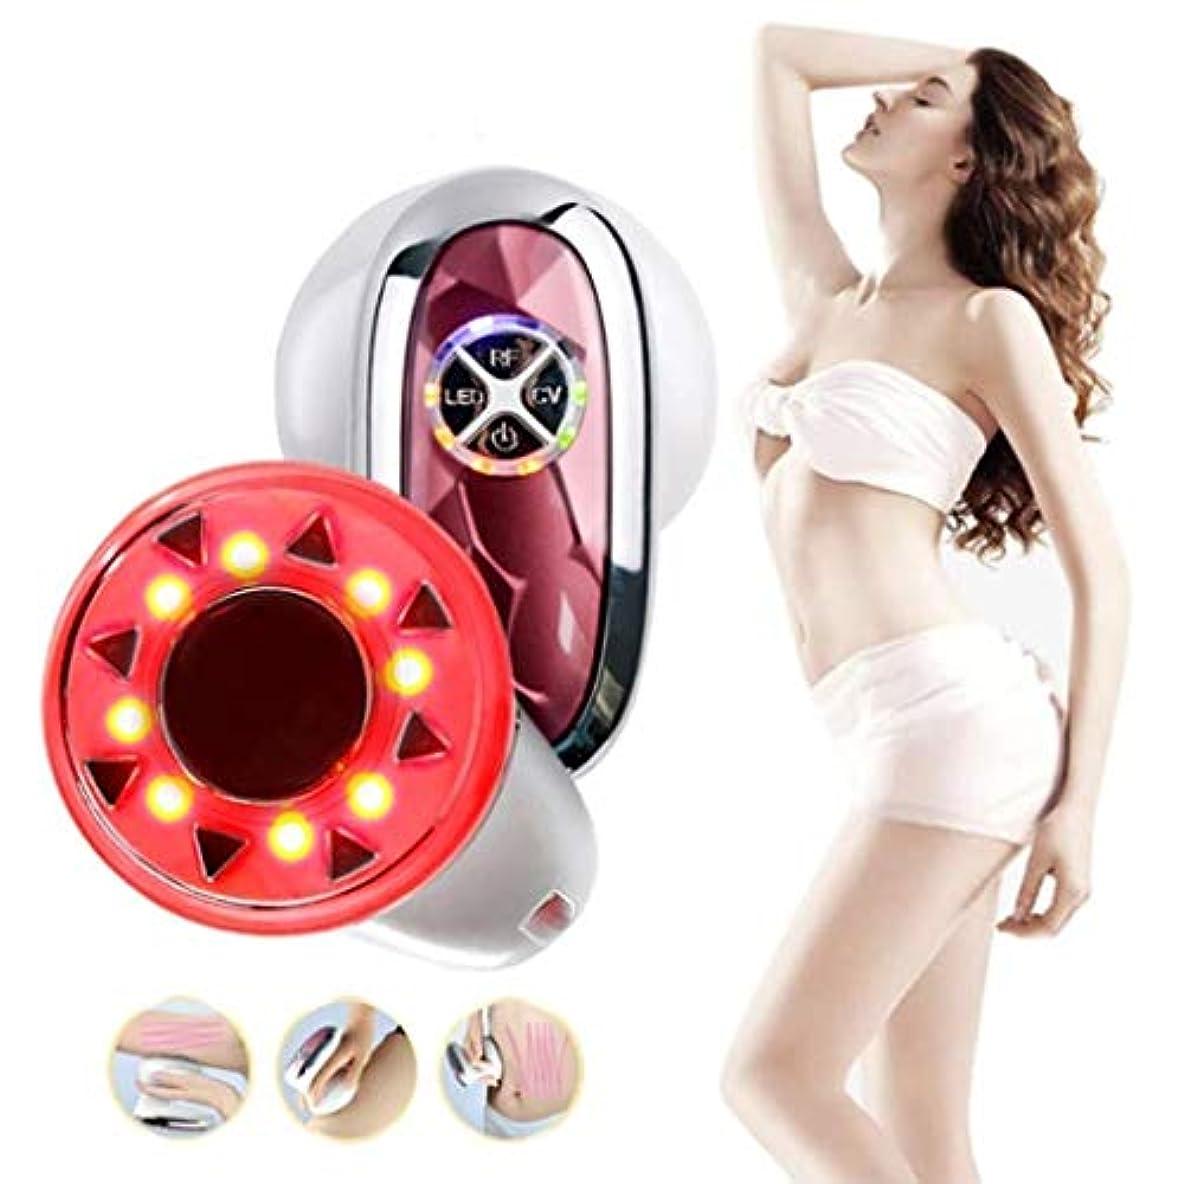 エイズ起こりやすい民間電気減量機、4-1 - ラジオ周波数マッサージ器、体の腹部、腰、脚、お尻、ボディマッサージ器、スキンケア機器